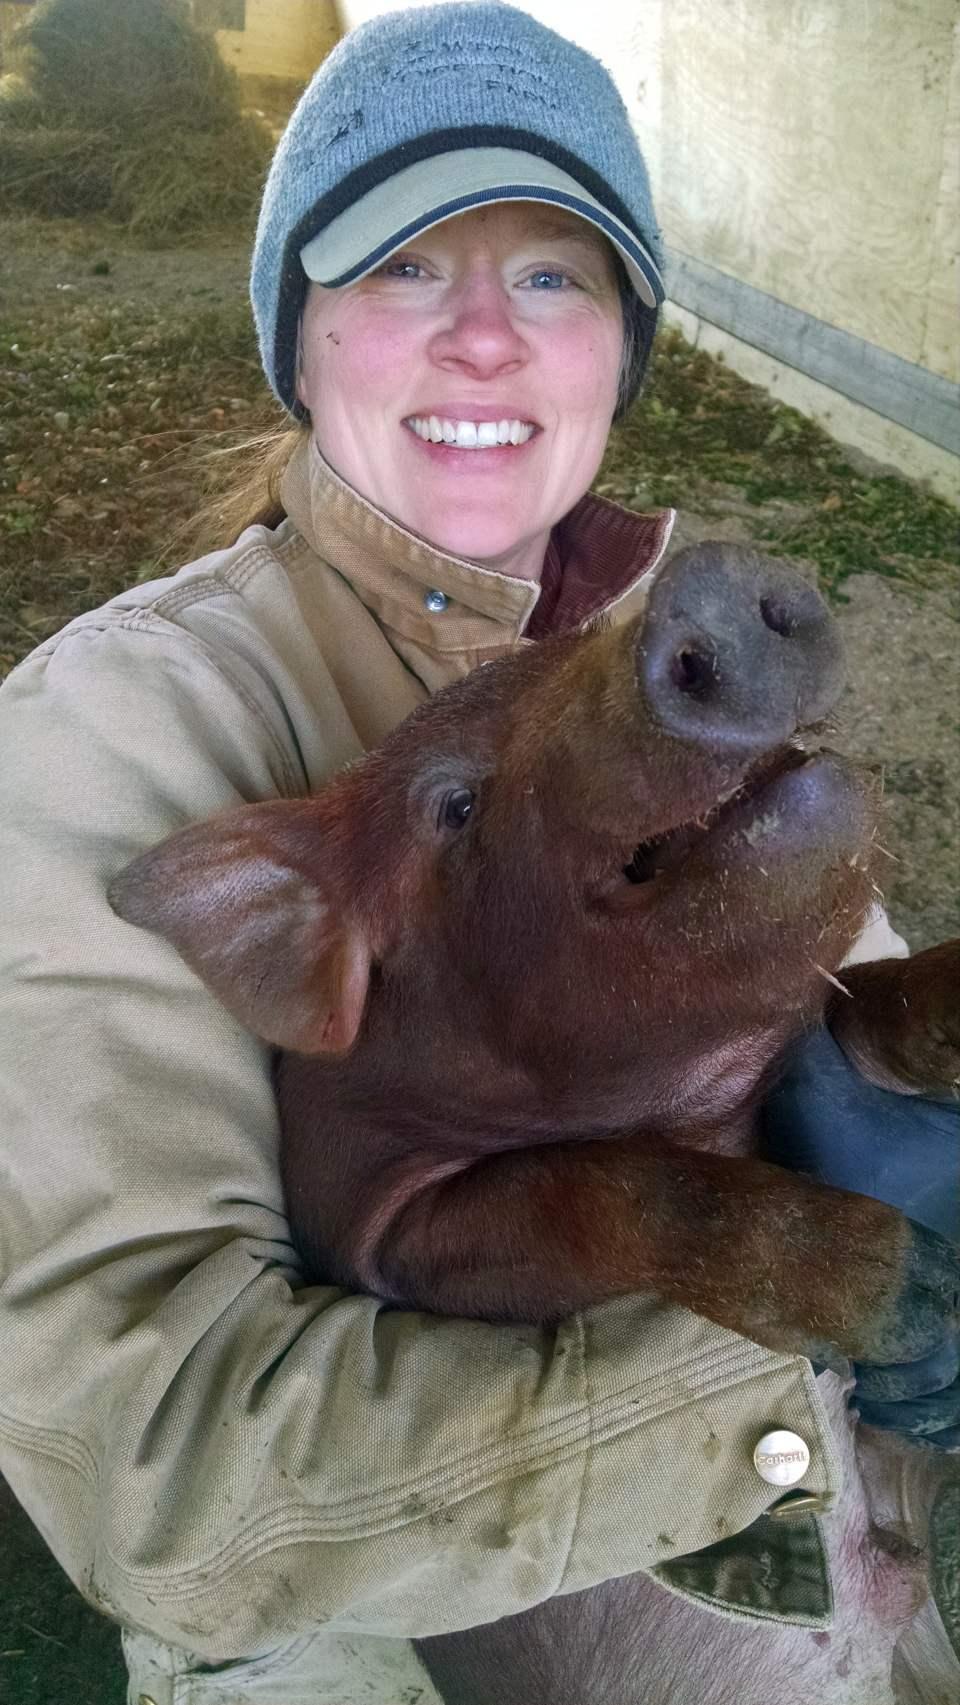 Rachel with Piglet